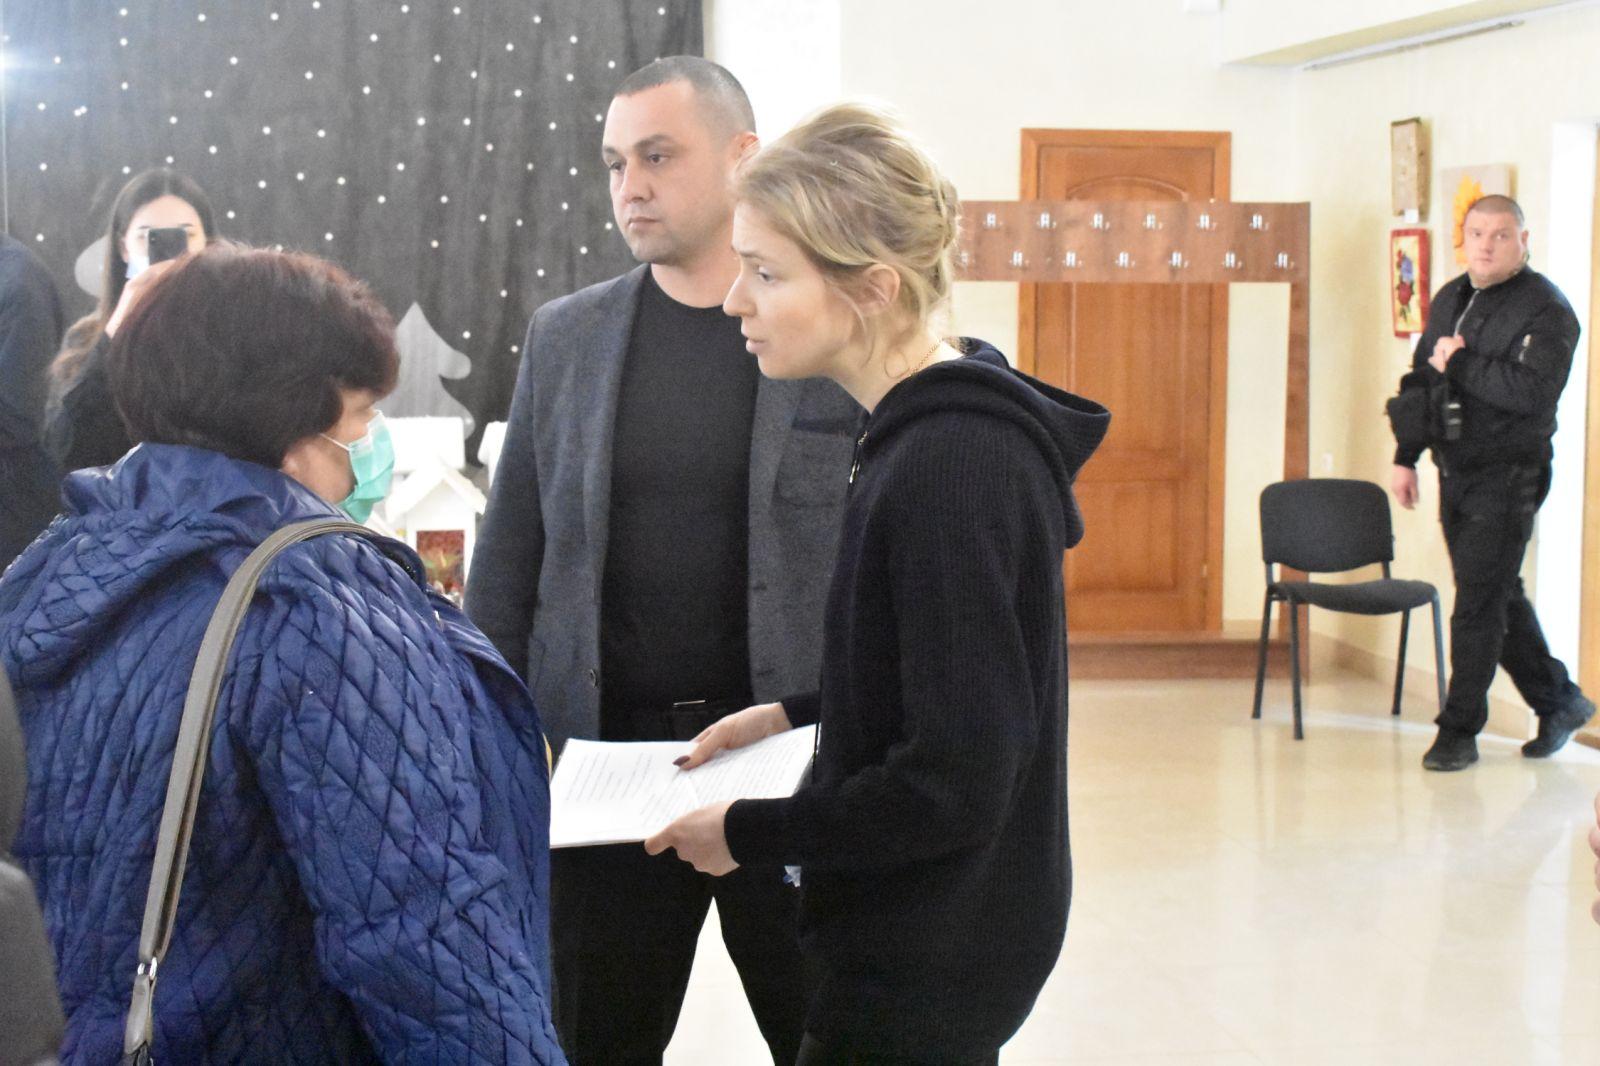 Поклонская на встрече с крымчанами выглядела уставшей и измученной (фото)